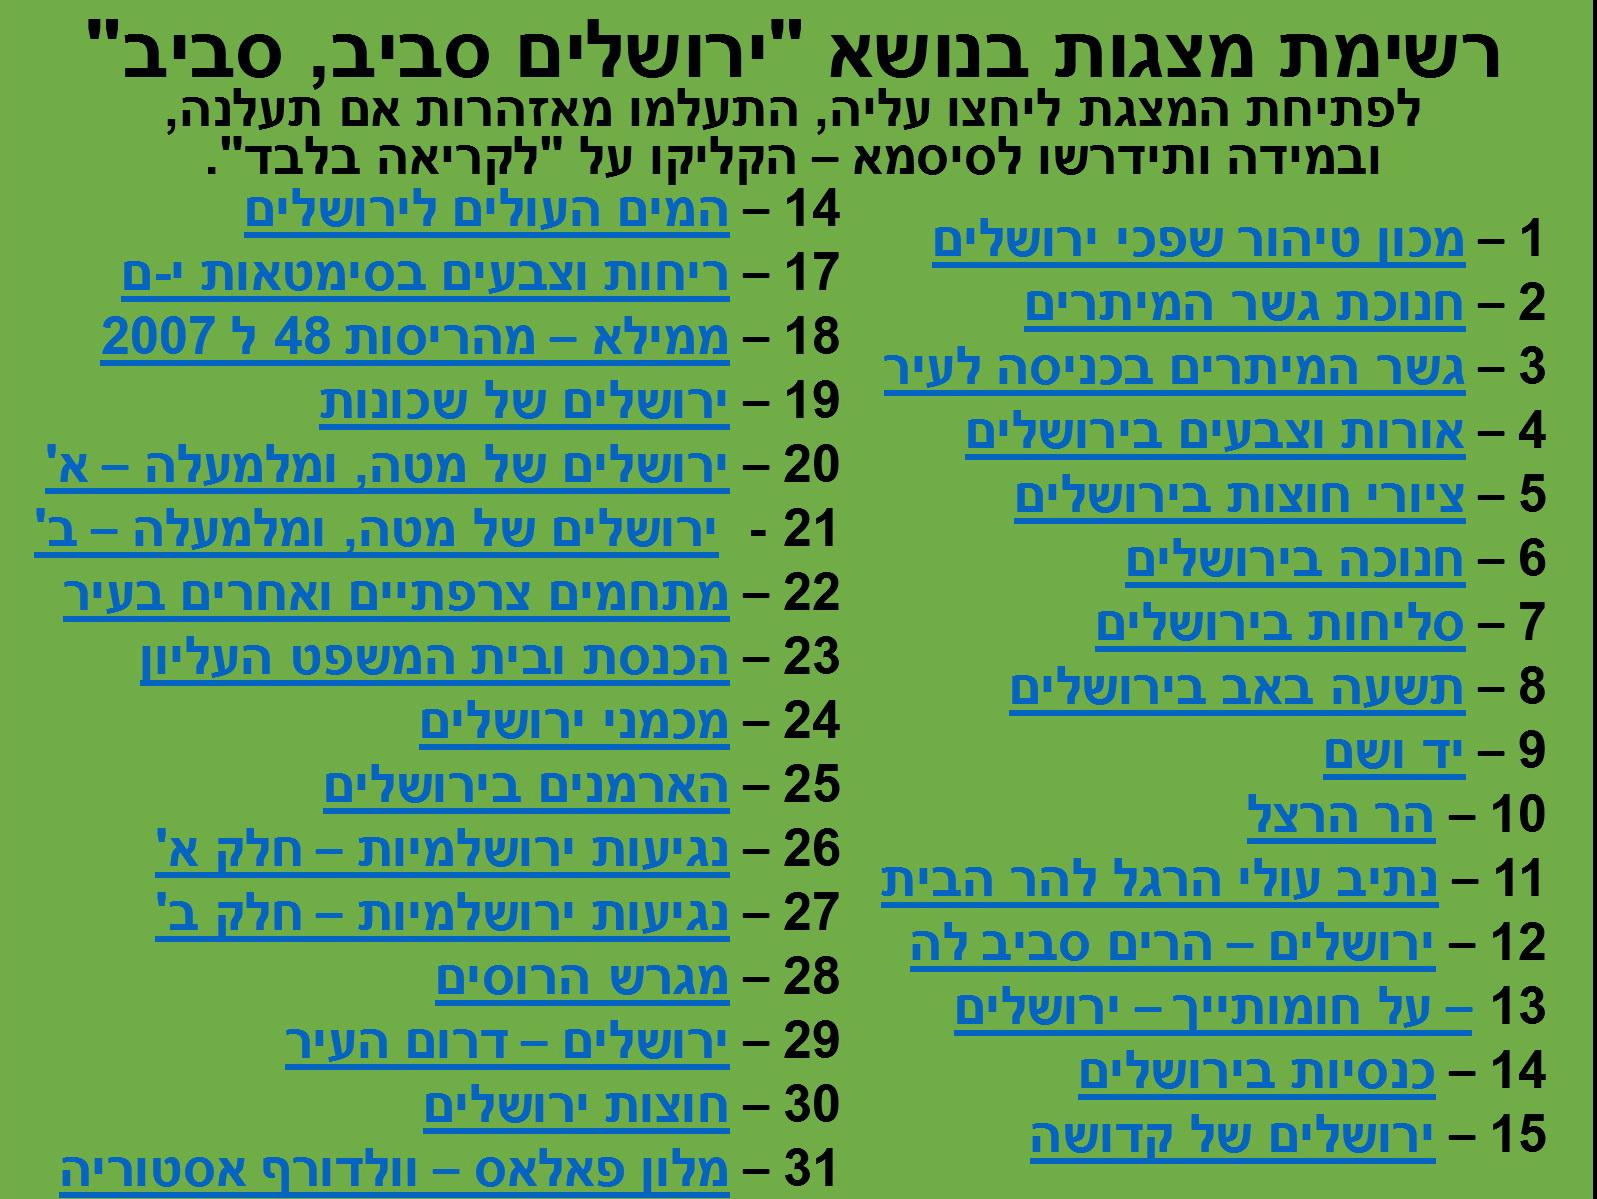 רשימת המצגות במדור